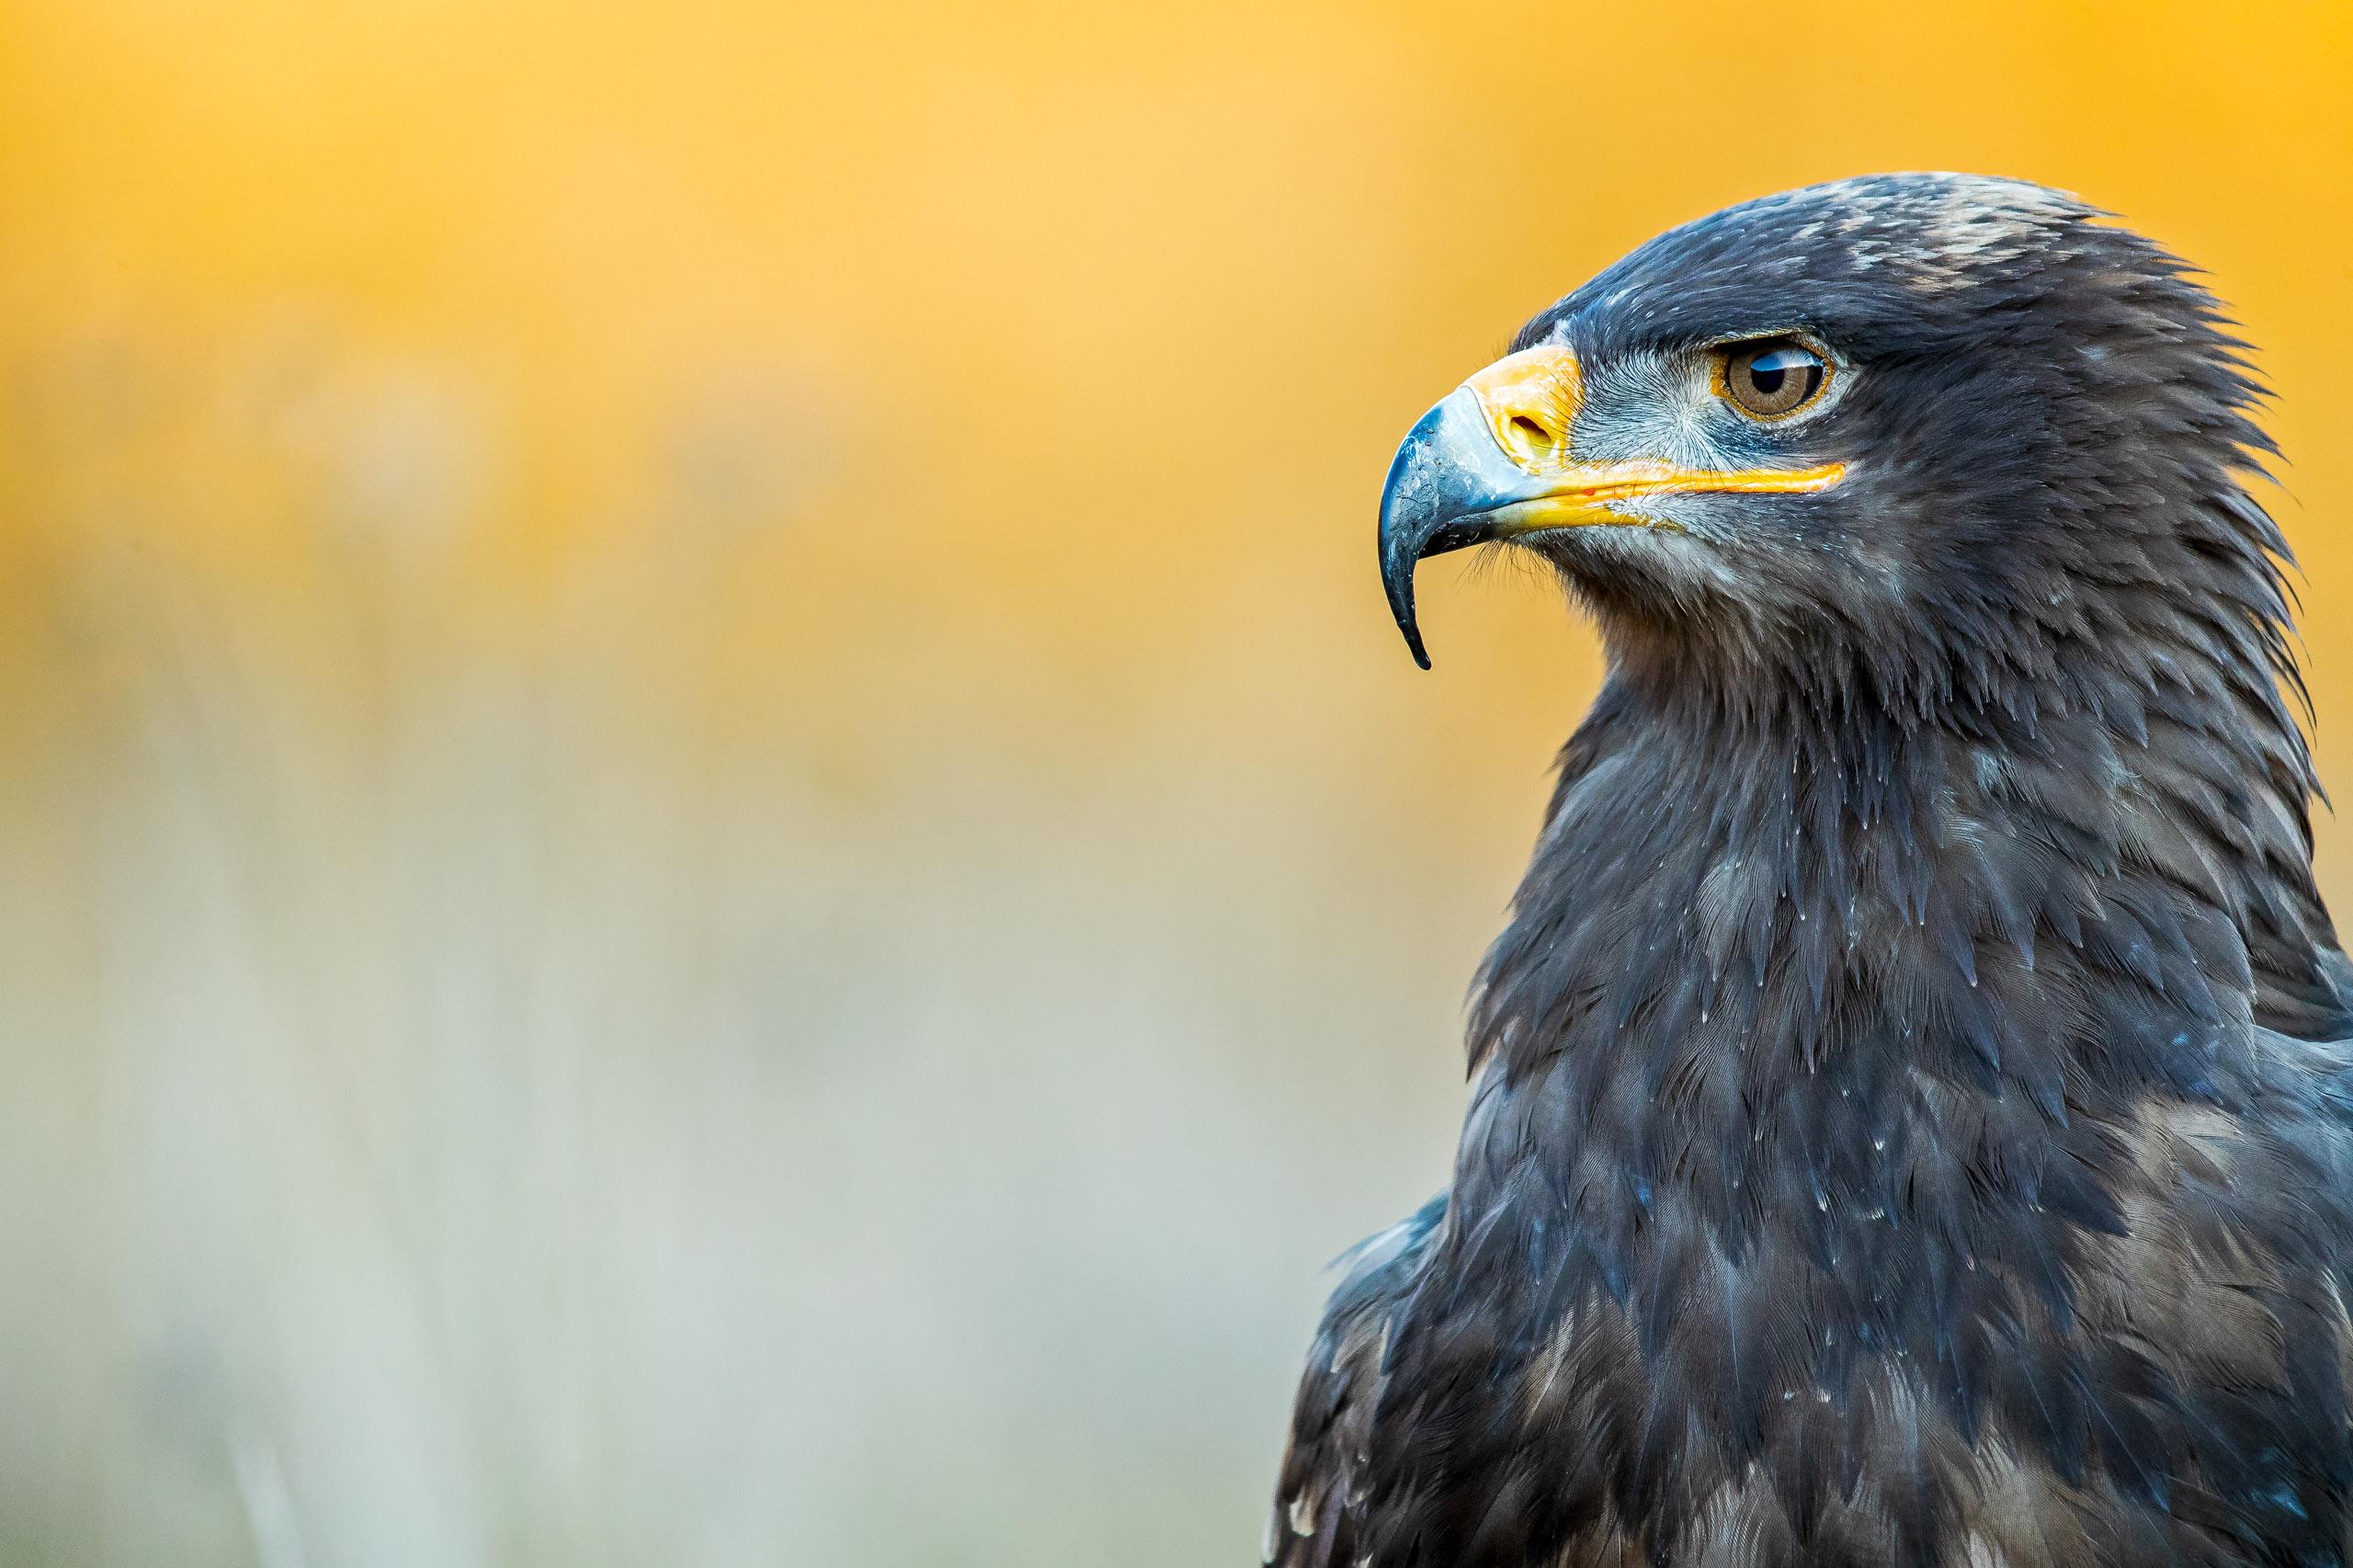 Tom_Schueler_Fotografie_Wildlife_Birds_12